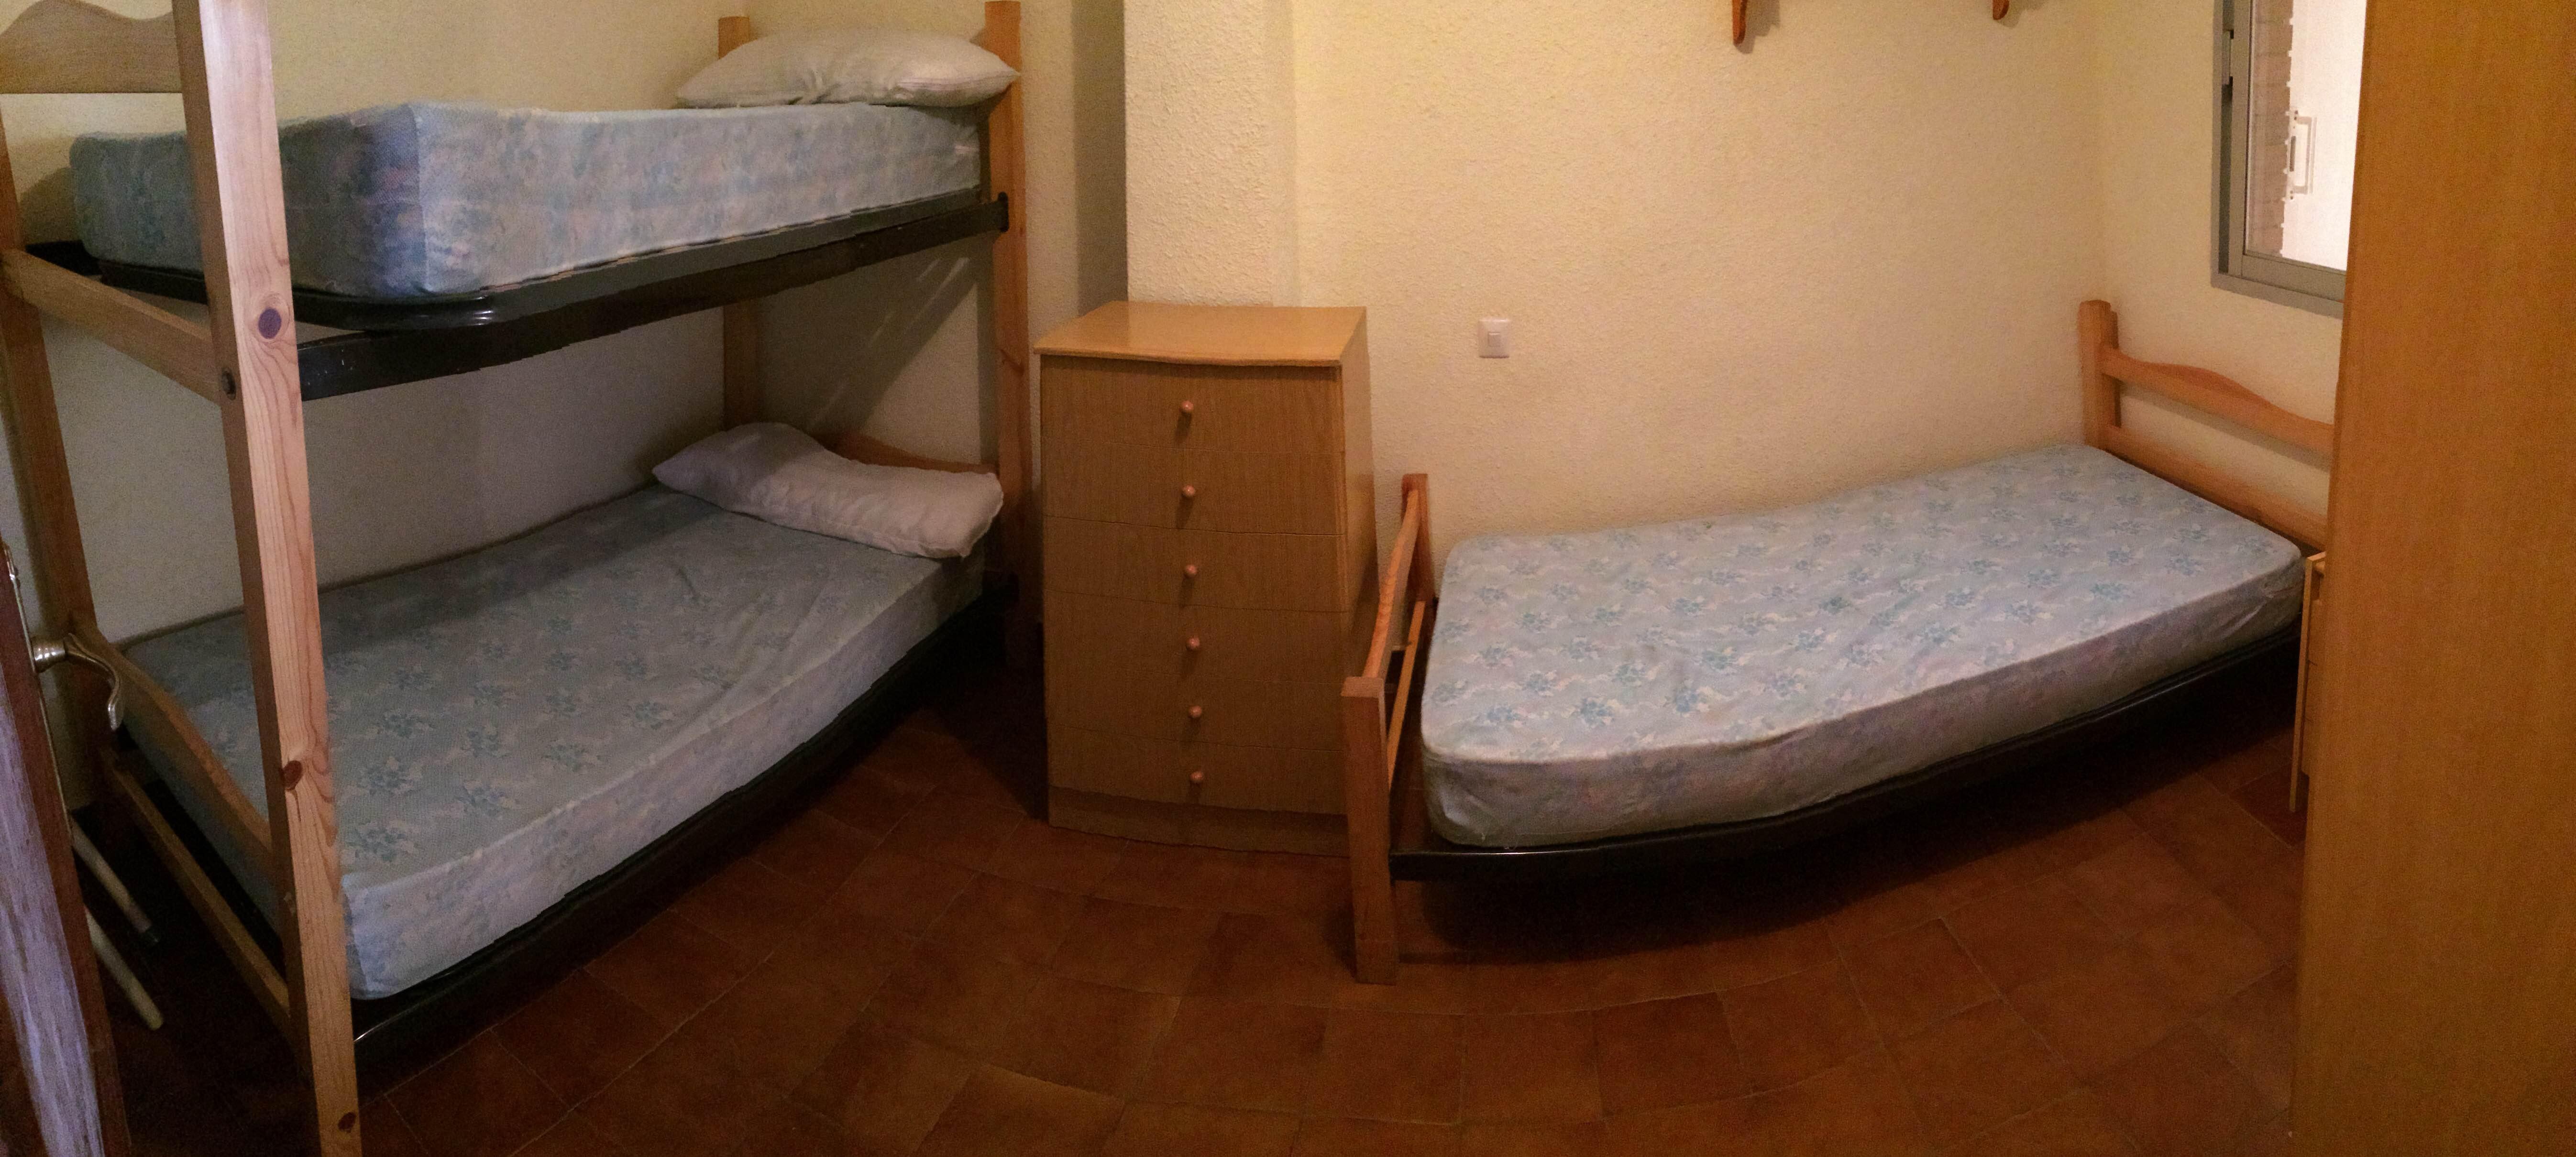 Inmobiliaria gestitur apartamento en zona faro faro 3378 apartamento en zona faro - Venta apartamentos en cullera ...